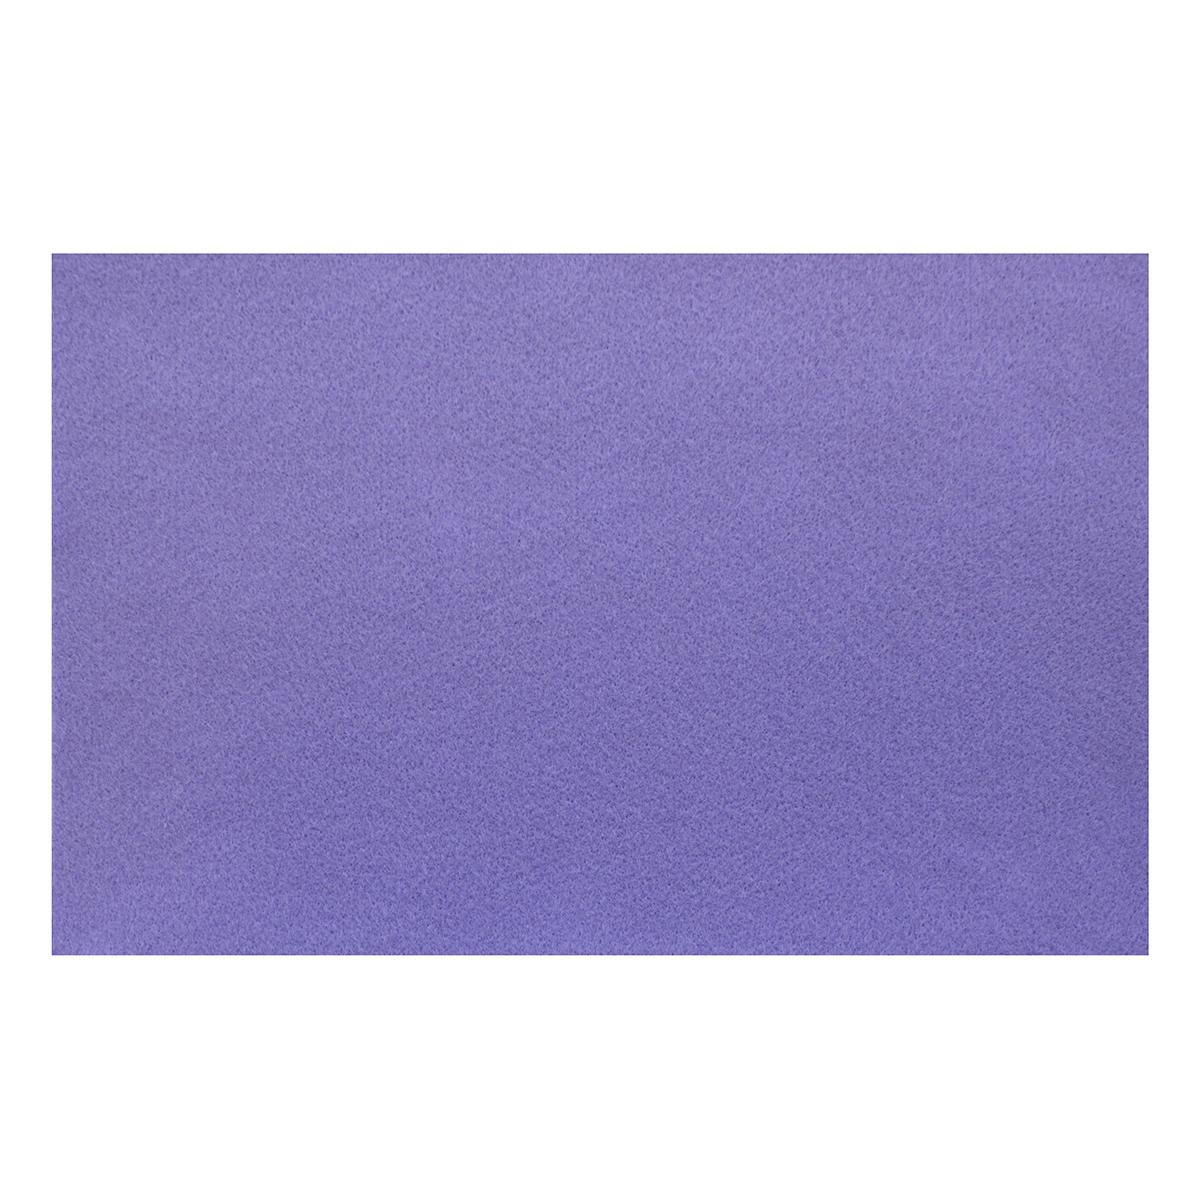 Фетр для творчества Glorex, цвет: лиловый, 20 x 30 см318727/61212692